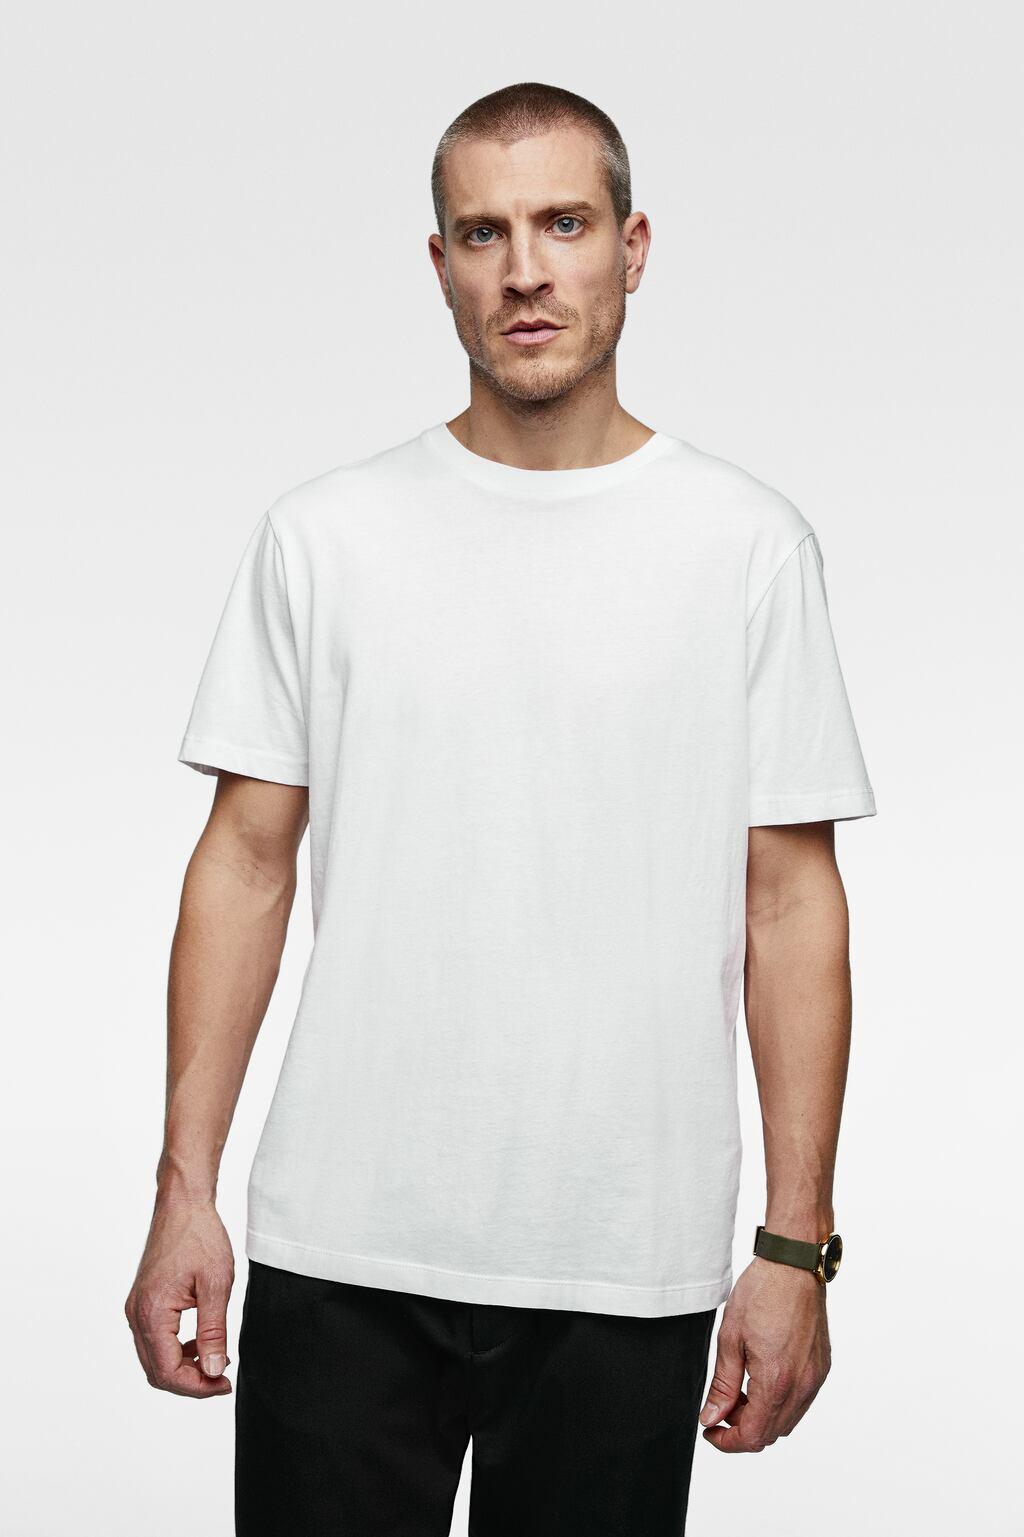 White T-Shirt from zara.com